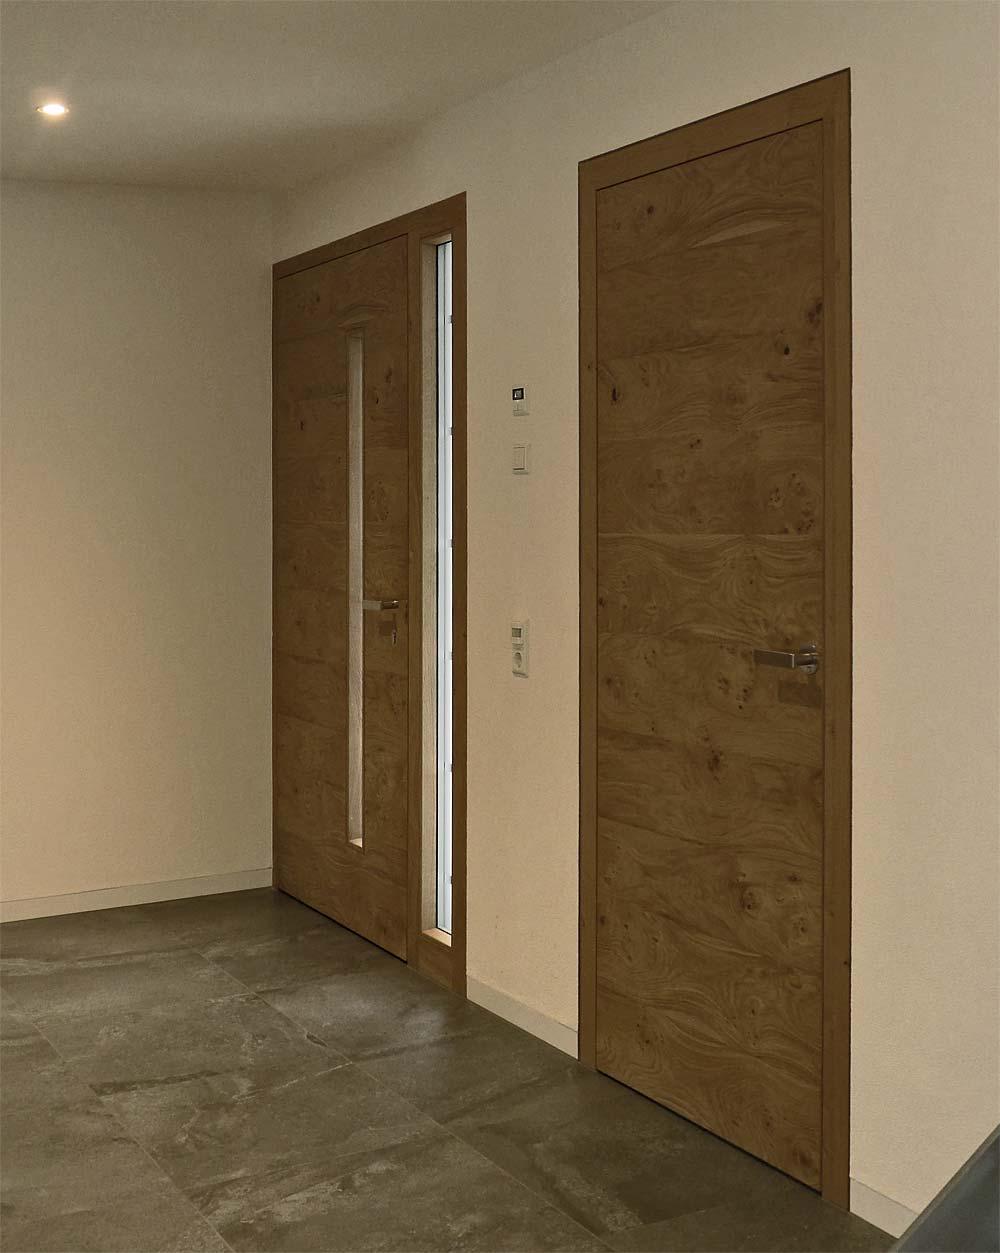 """Haus- und Zimmertüre wandbündig in Eiche. Zimmertüre mit """"Soft-close"""","""